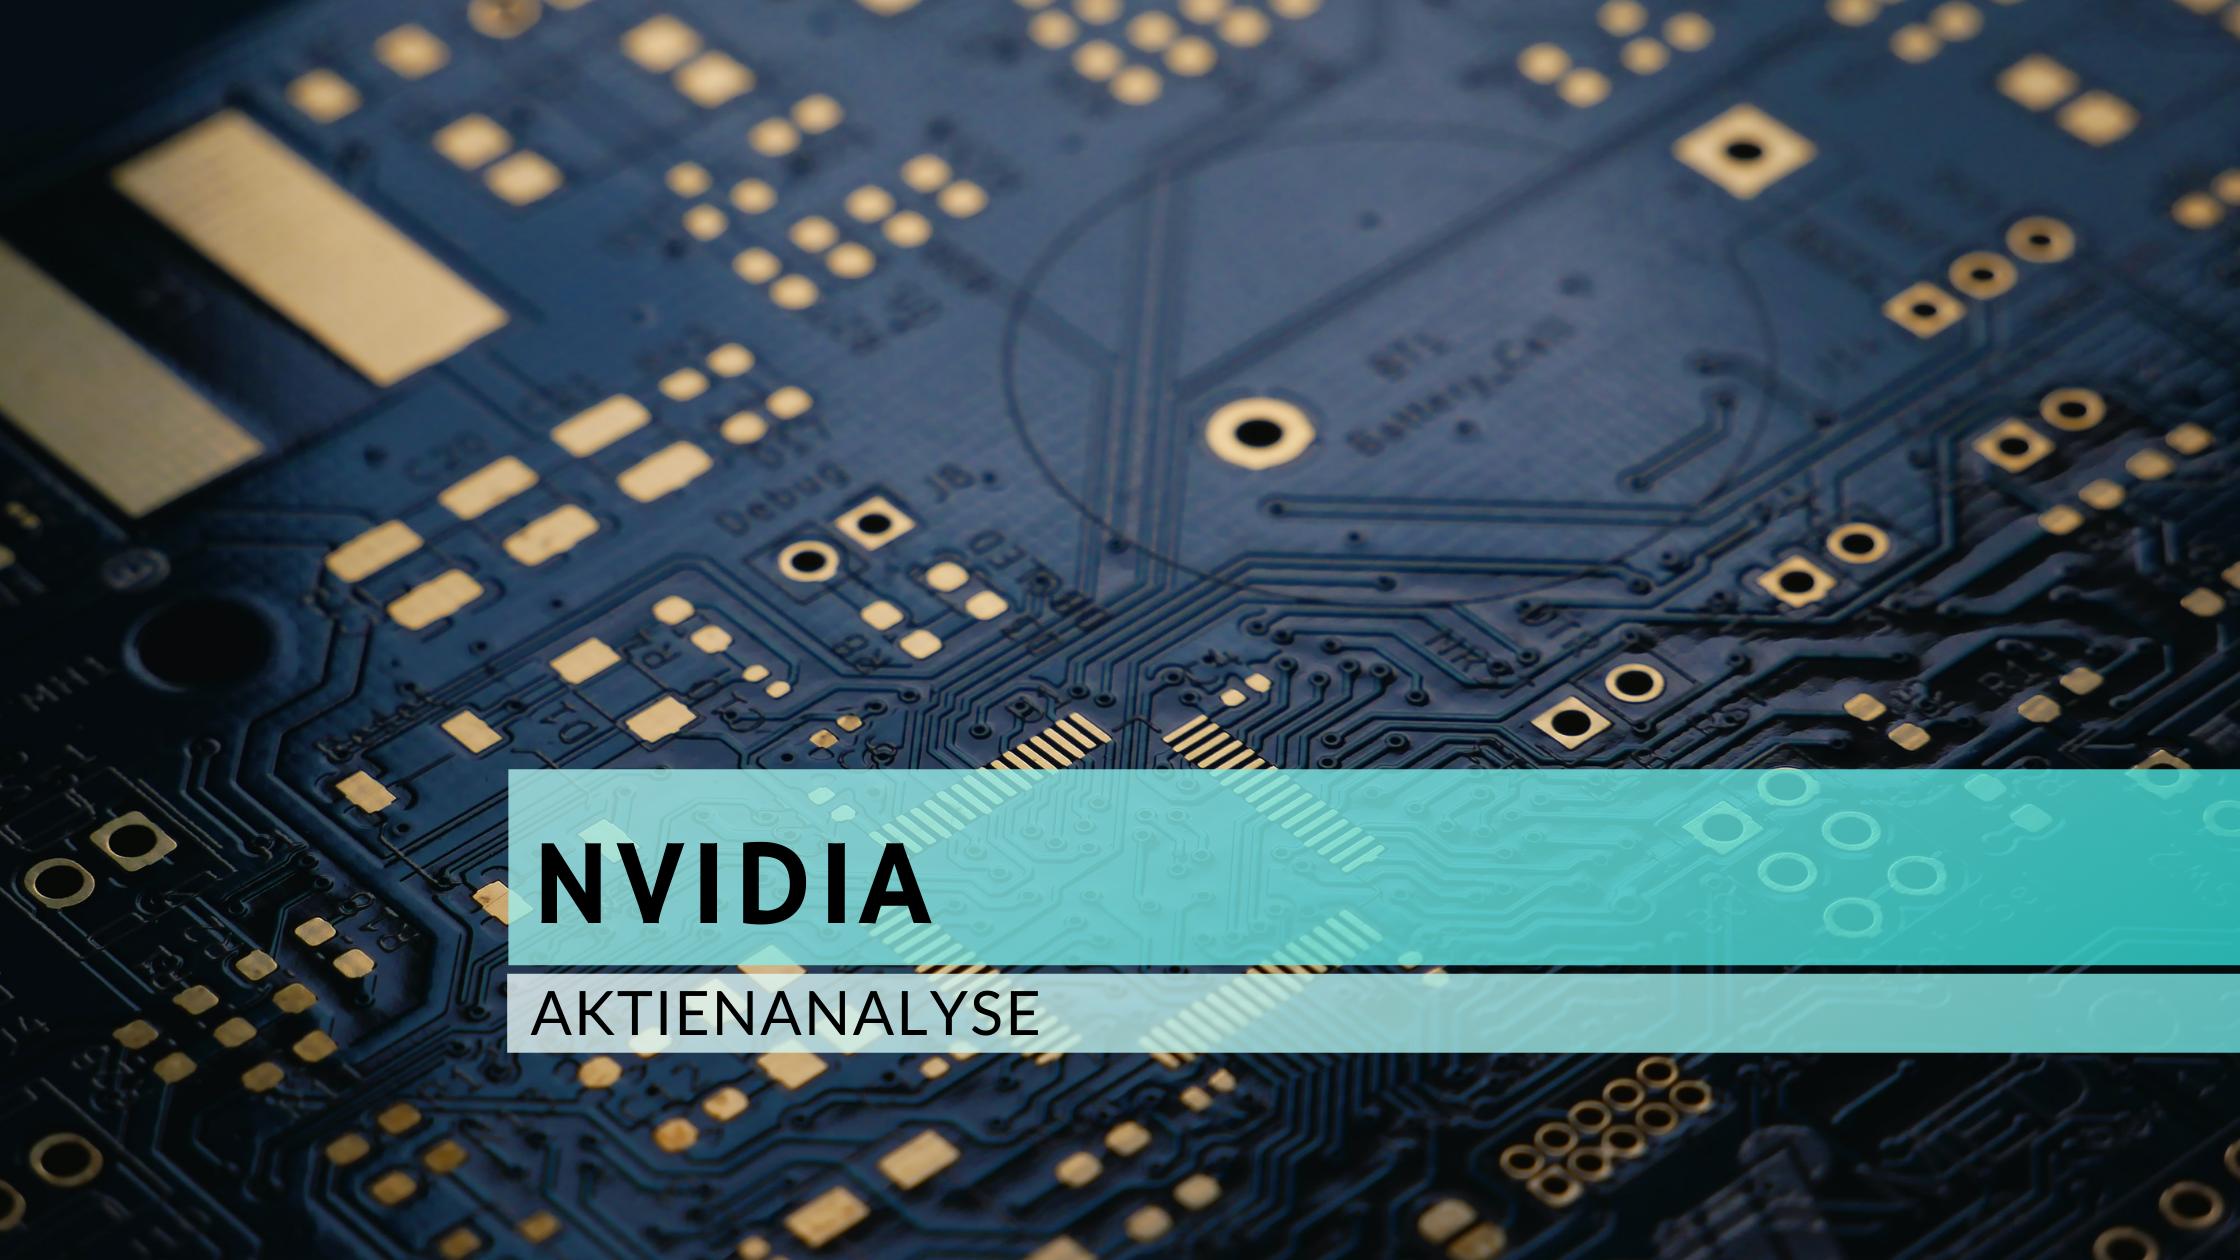 Nvidia Aktienanalyse